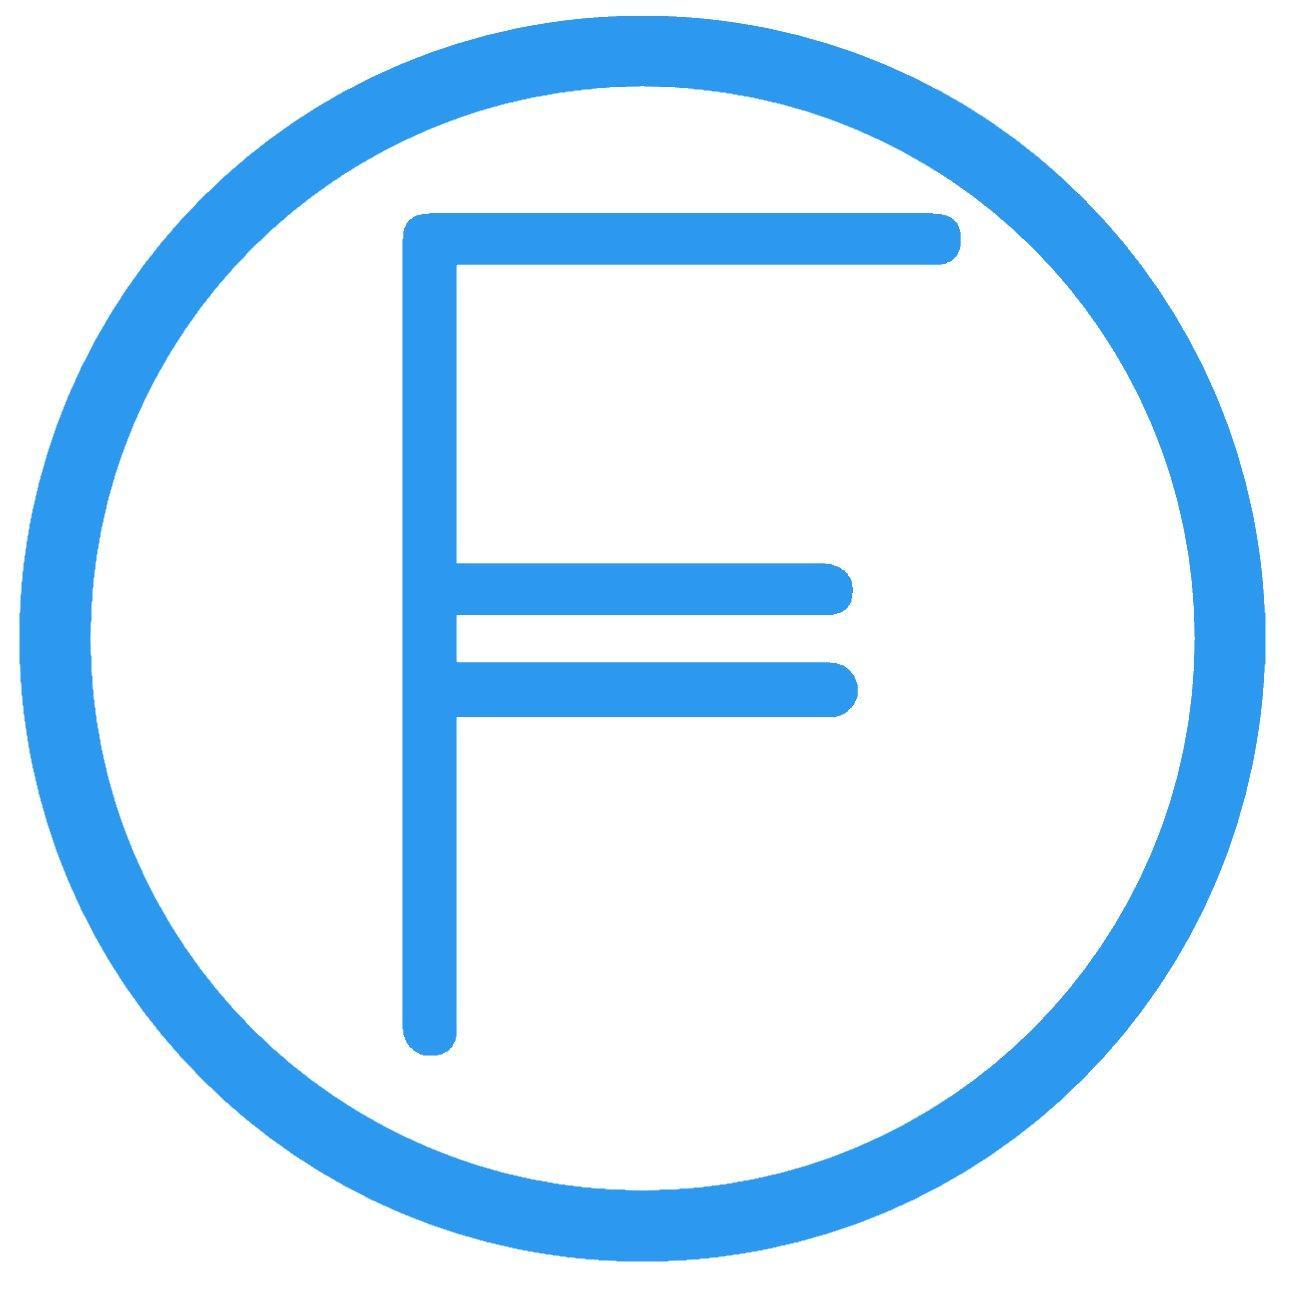 FloydHub 初体验